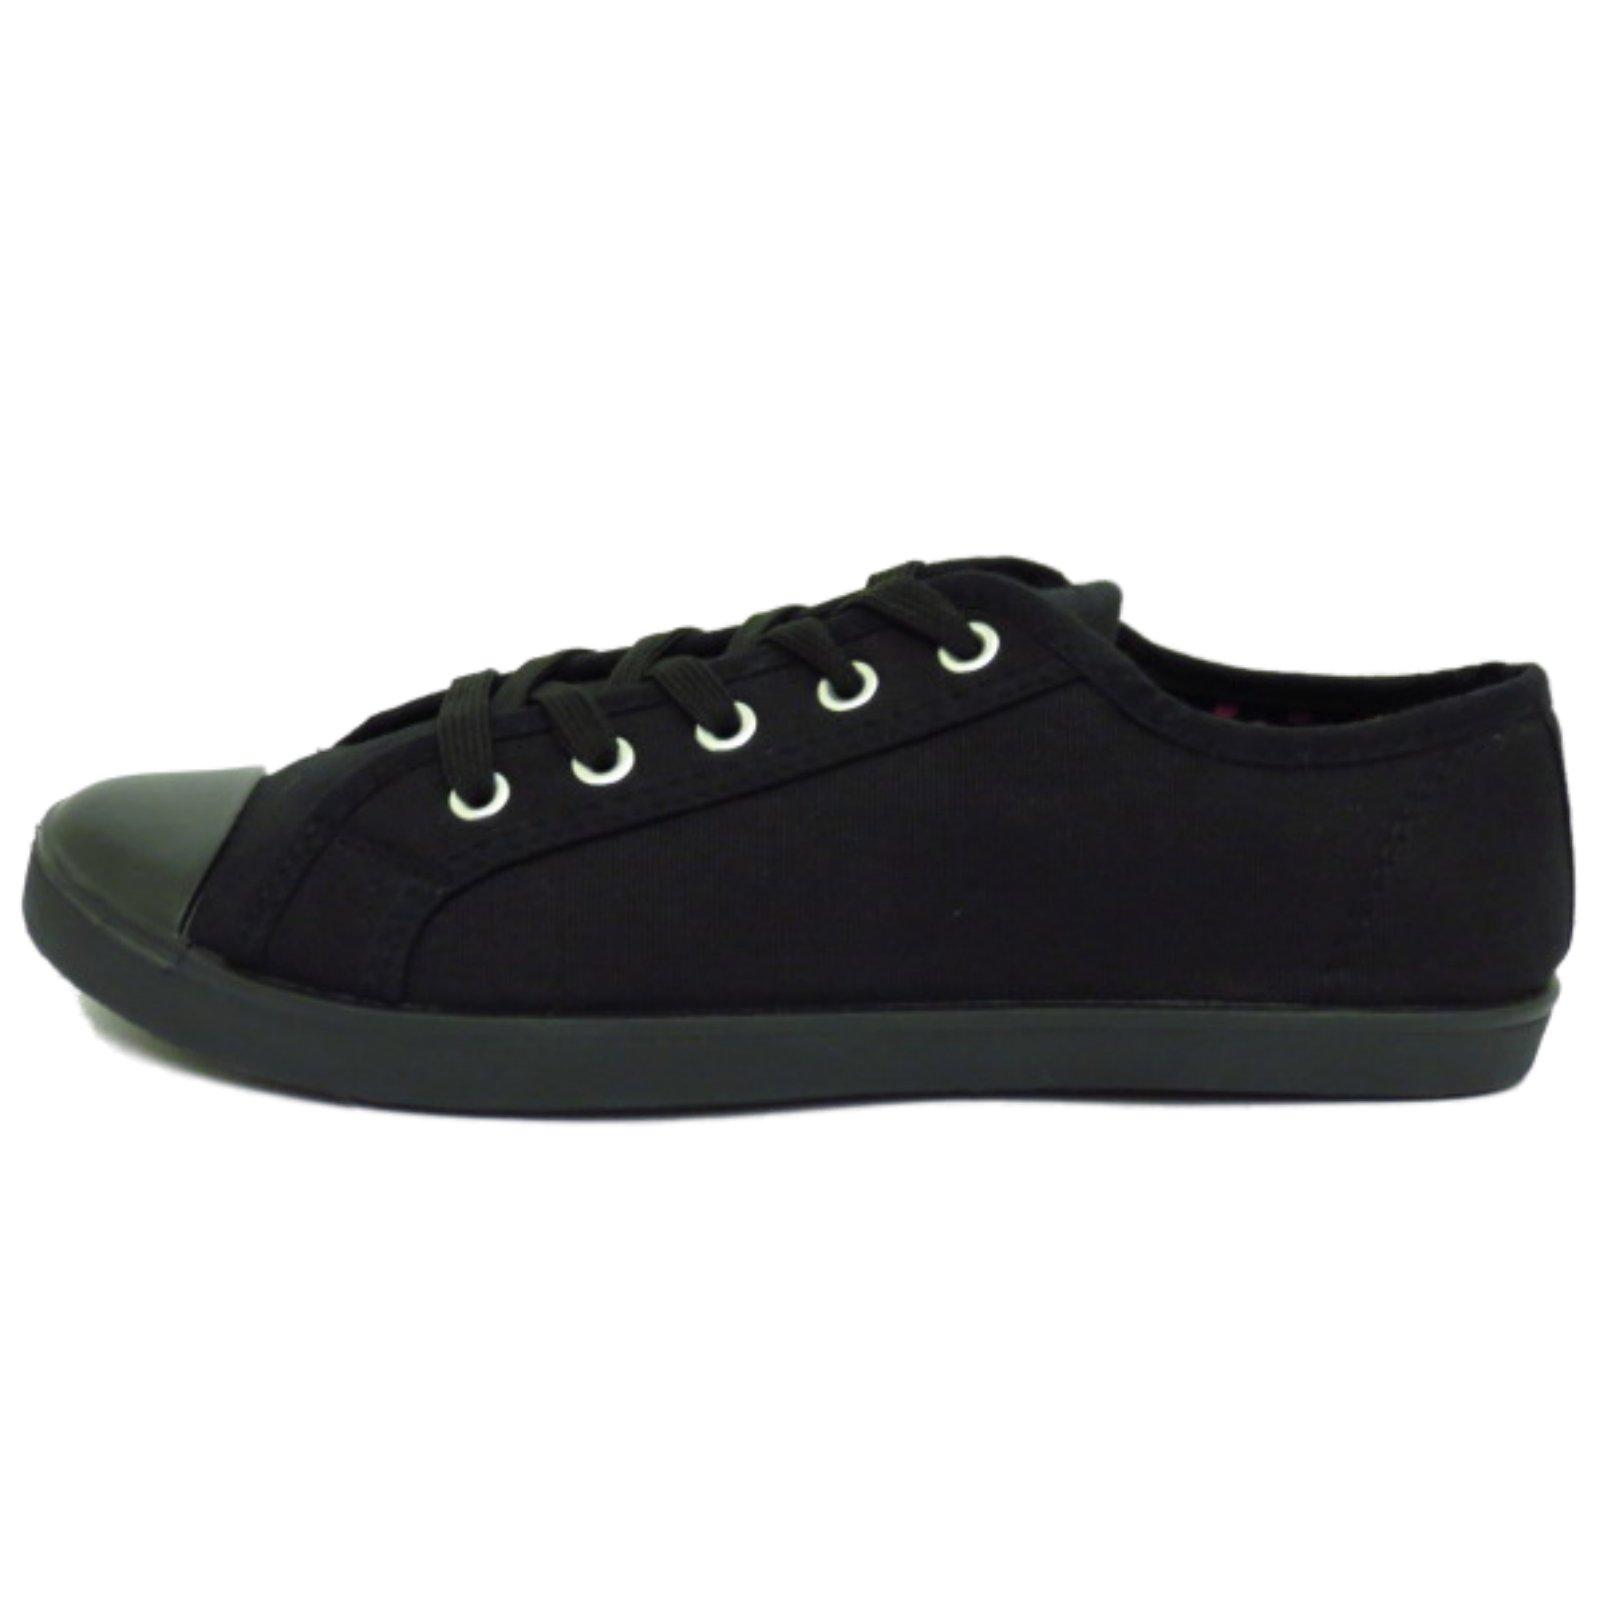 black canvas flat lace up trainer plimsoll pumps